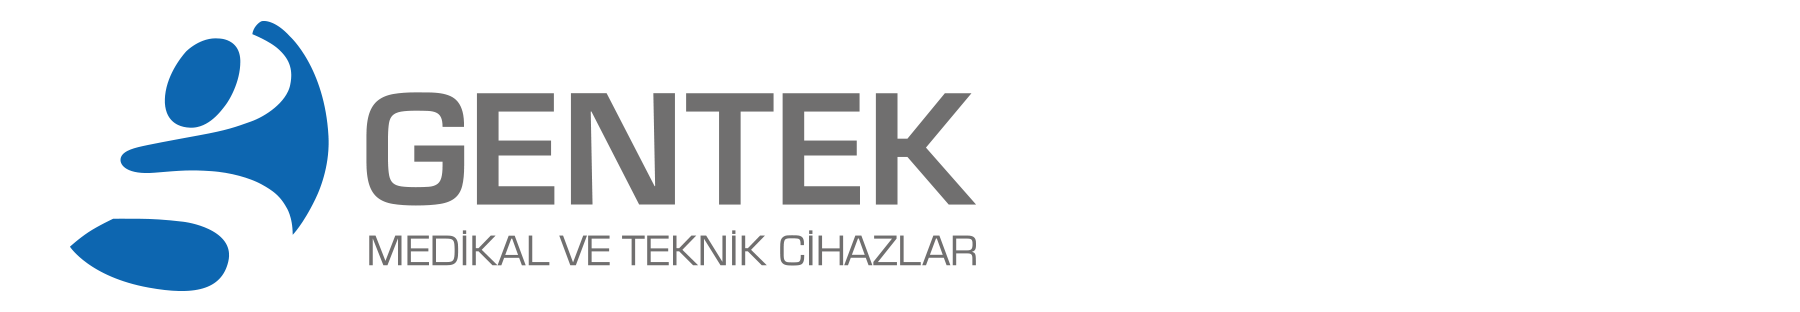 Gentek